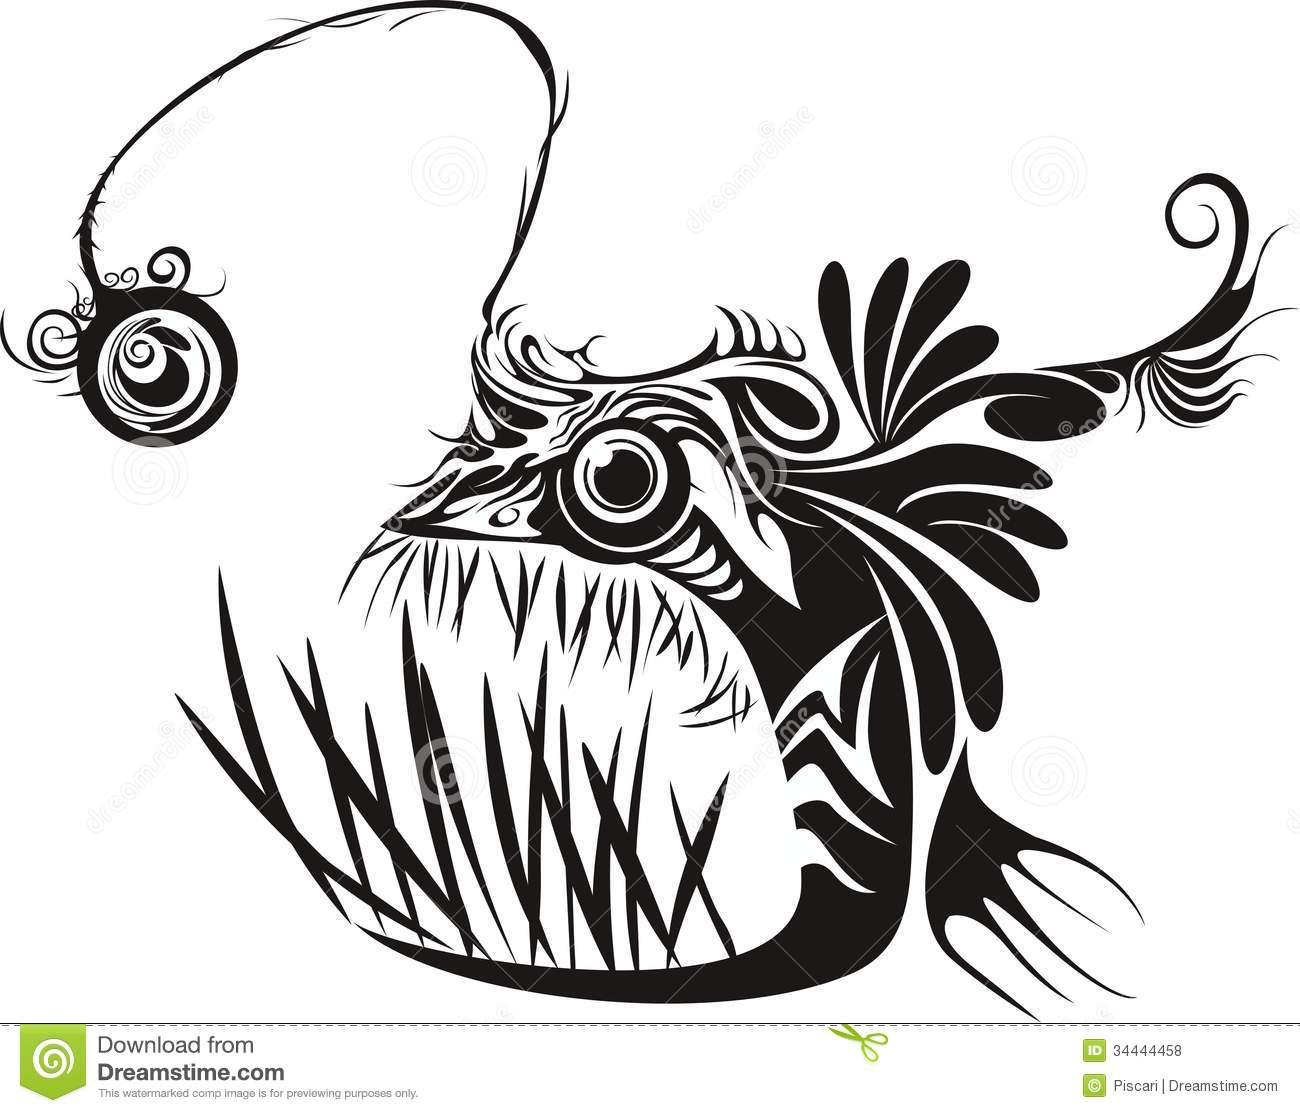 Deep sea fish  microbewiki